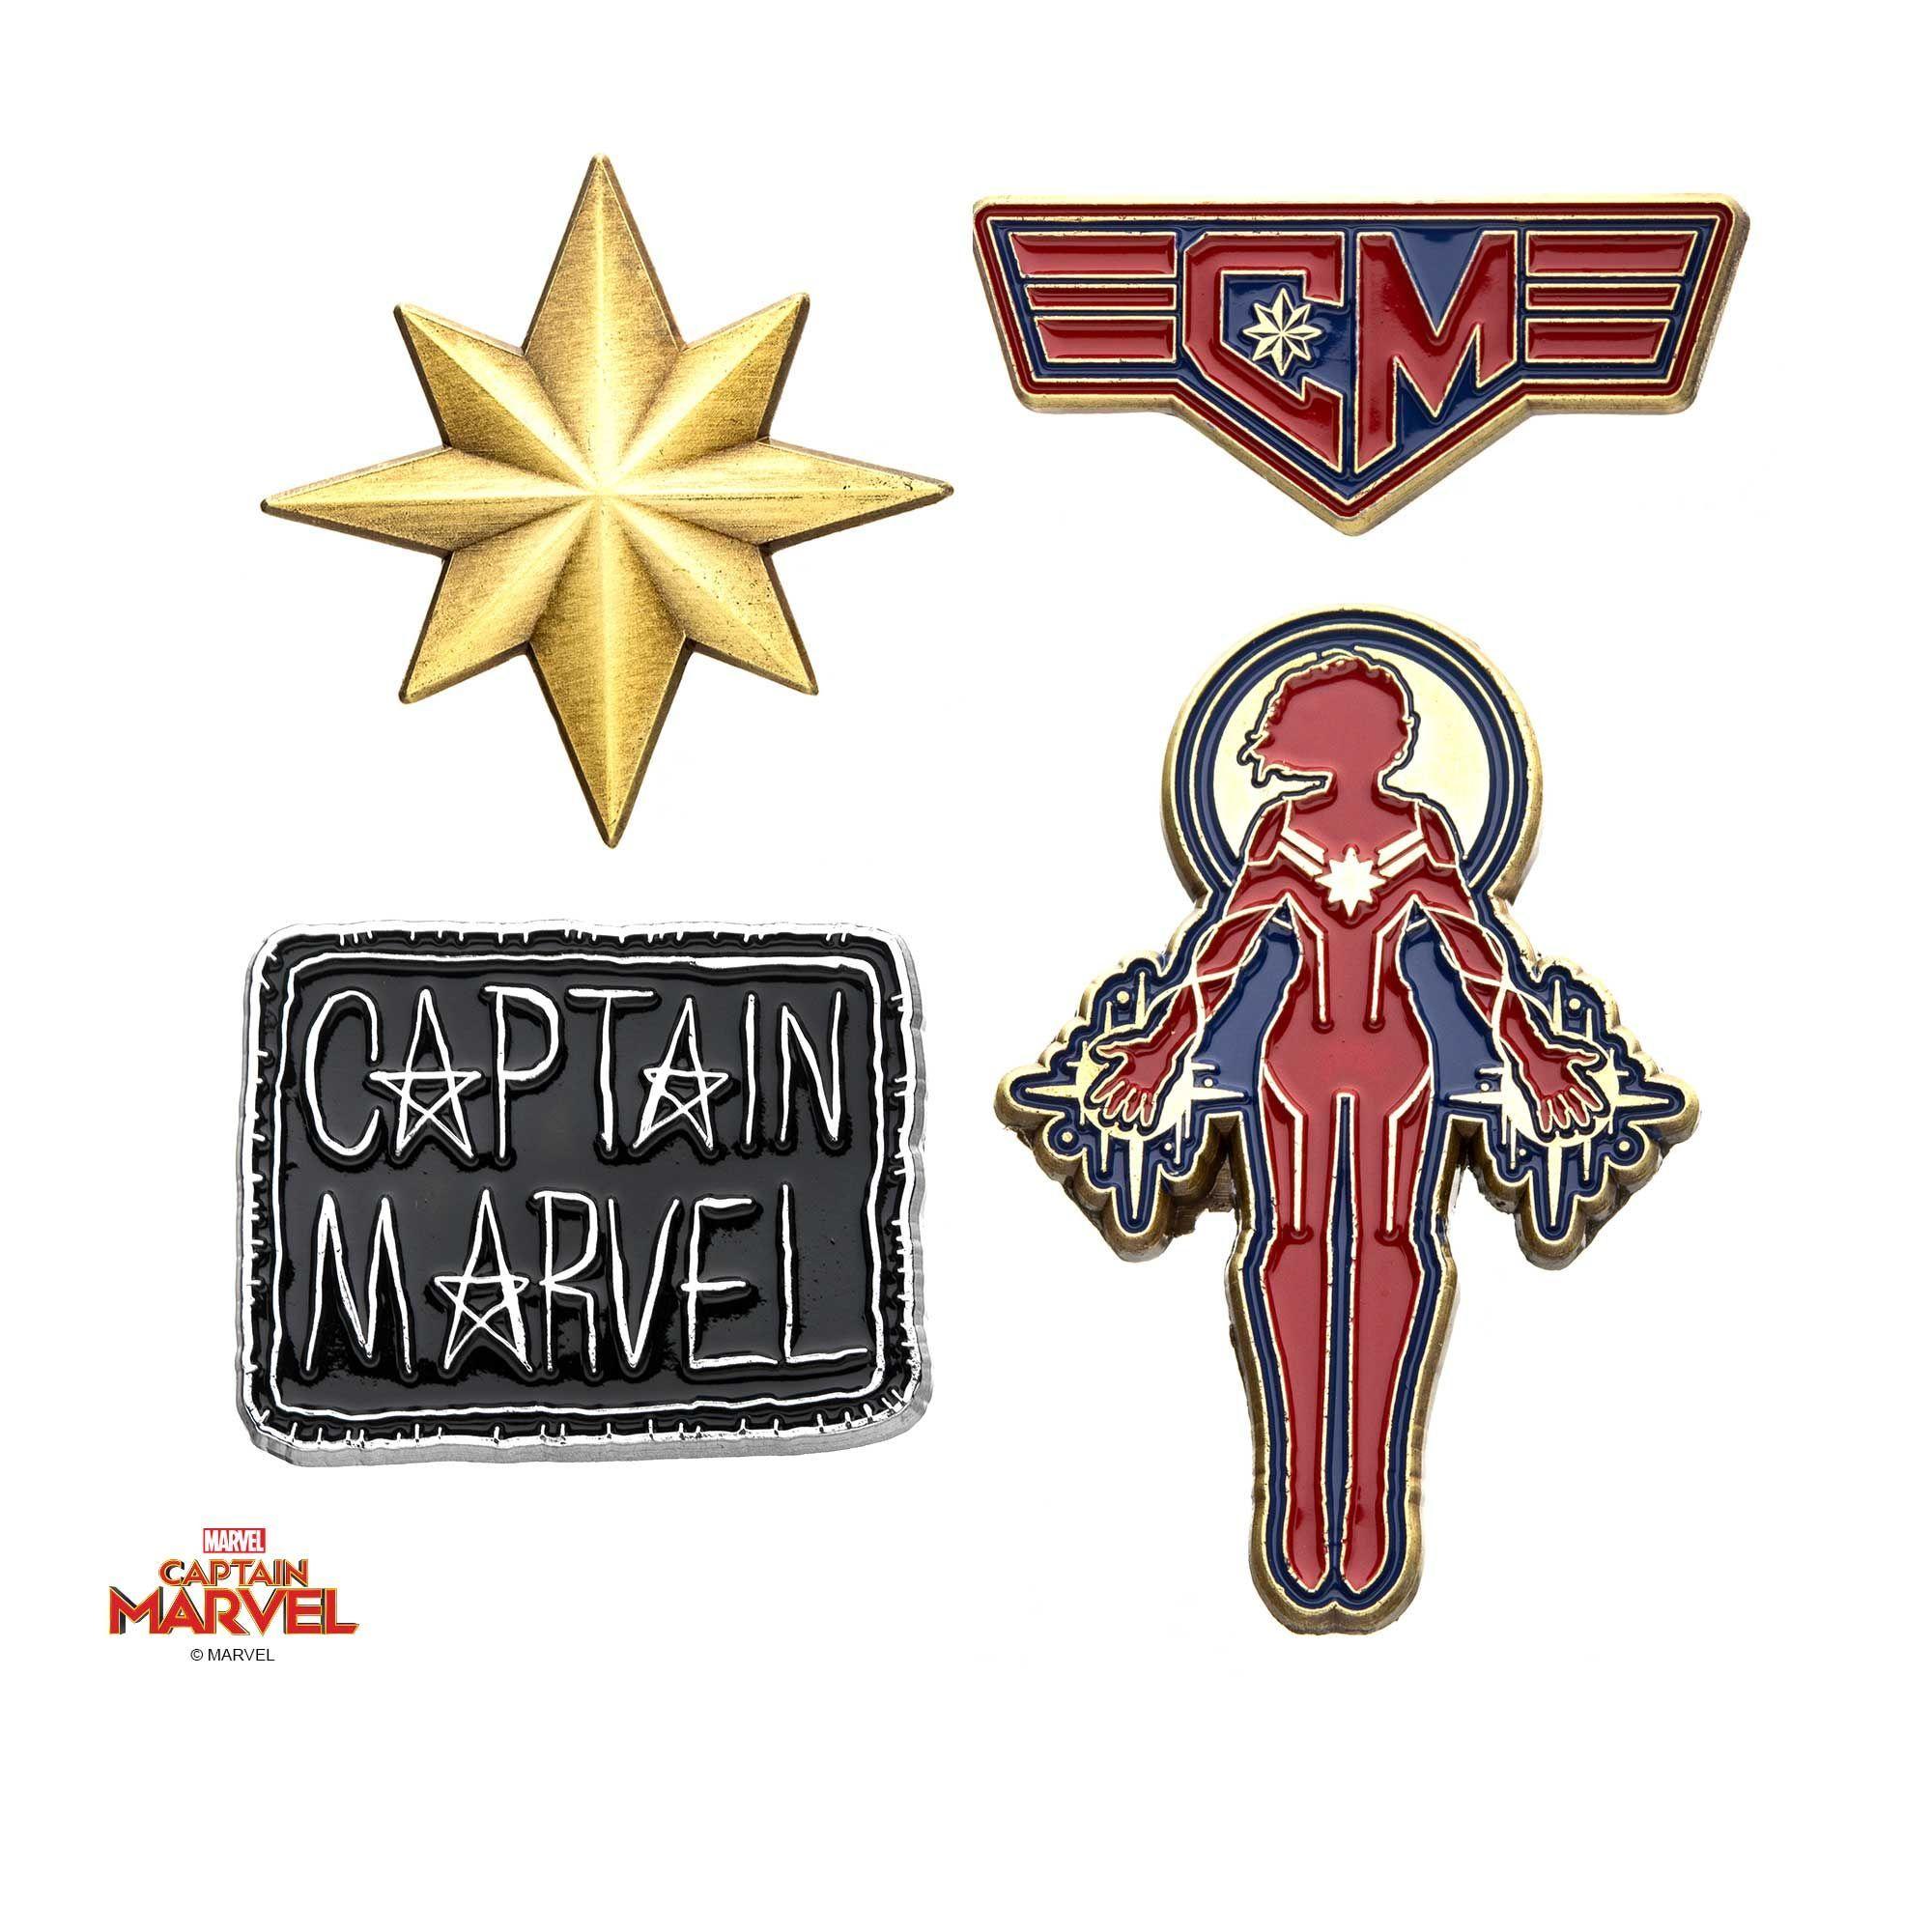 The Marvel Captain Marvel Enamel Enamel Pin Set